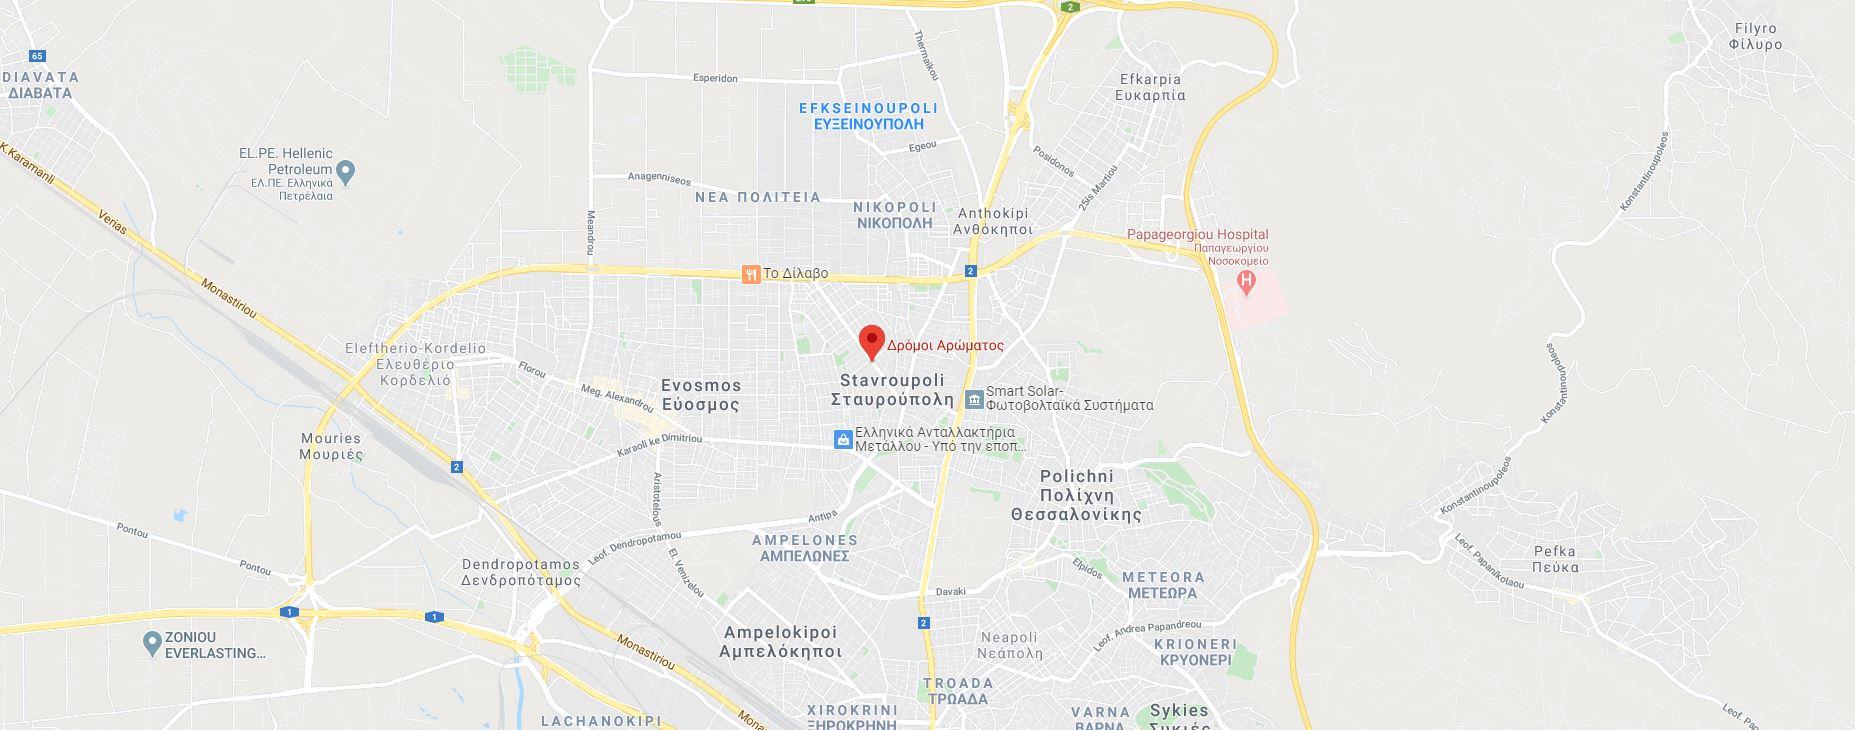 Δρομοι Αρώματος Θεσσαλονίκη - Βρείτε Μας Στο Χάρτη